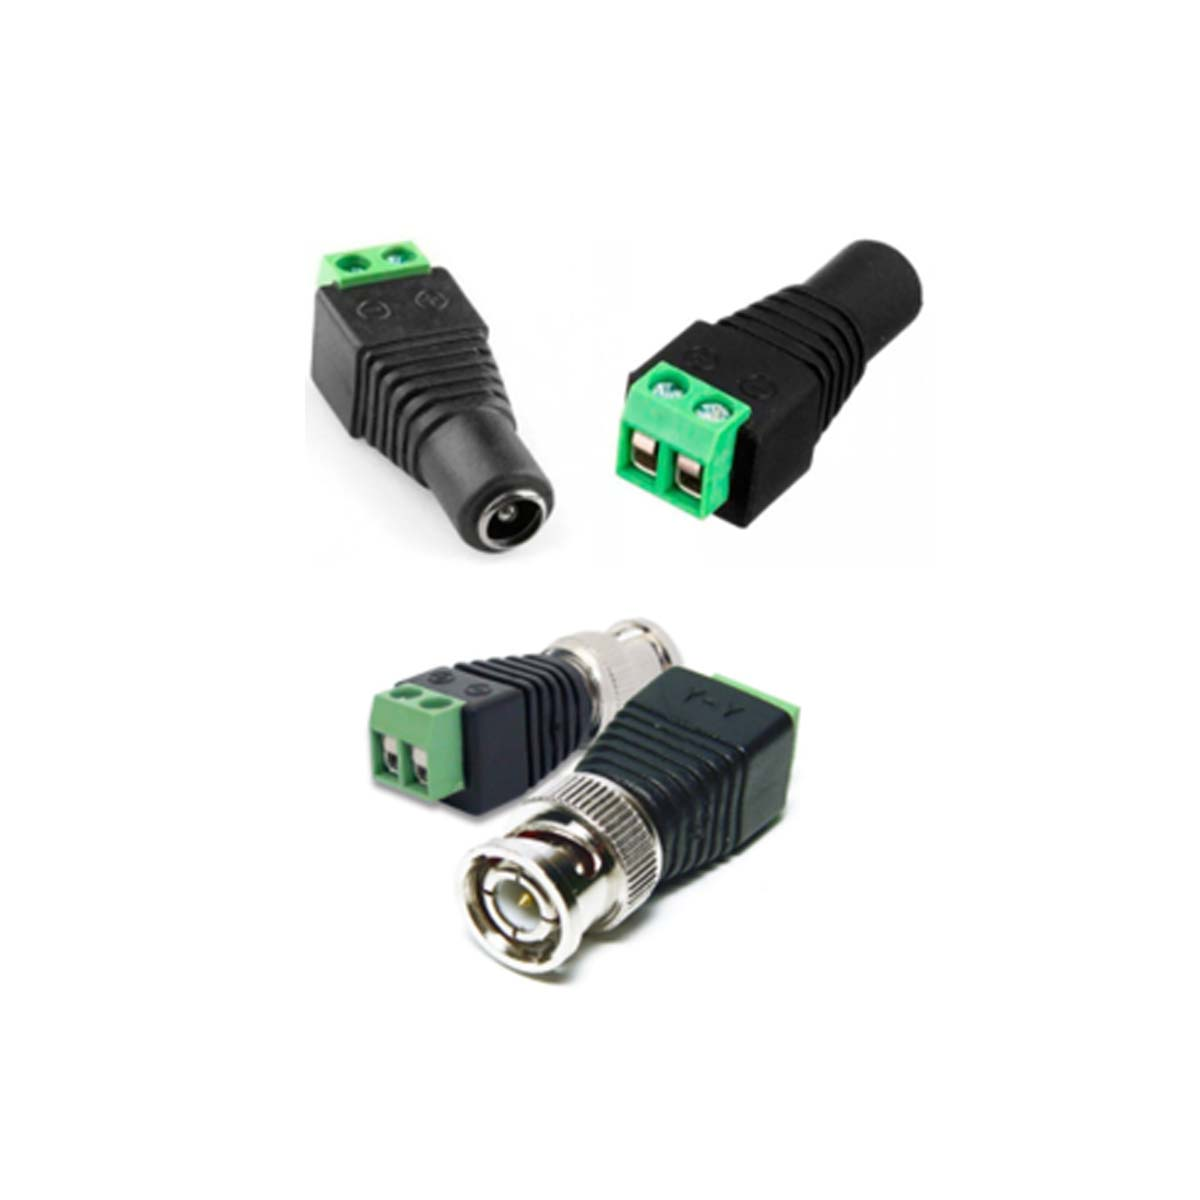 Kit CFTV 02 Câmeras VHD 1120 B G6 + MHDX 1104 C/ HD 1TB + Acessórios